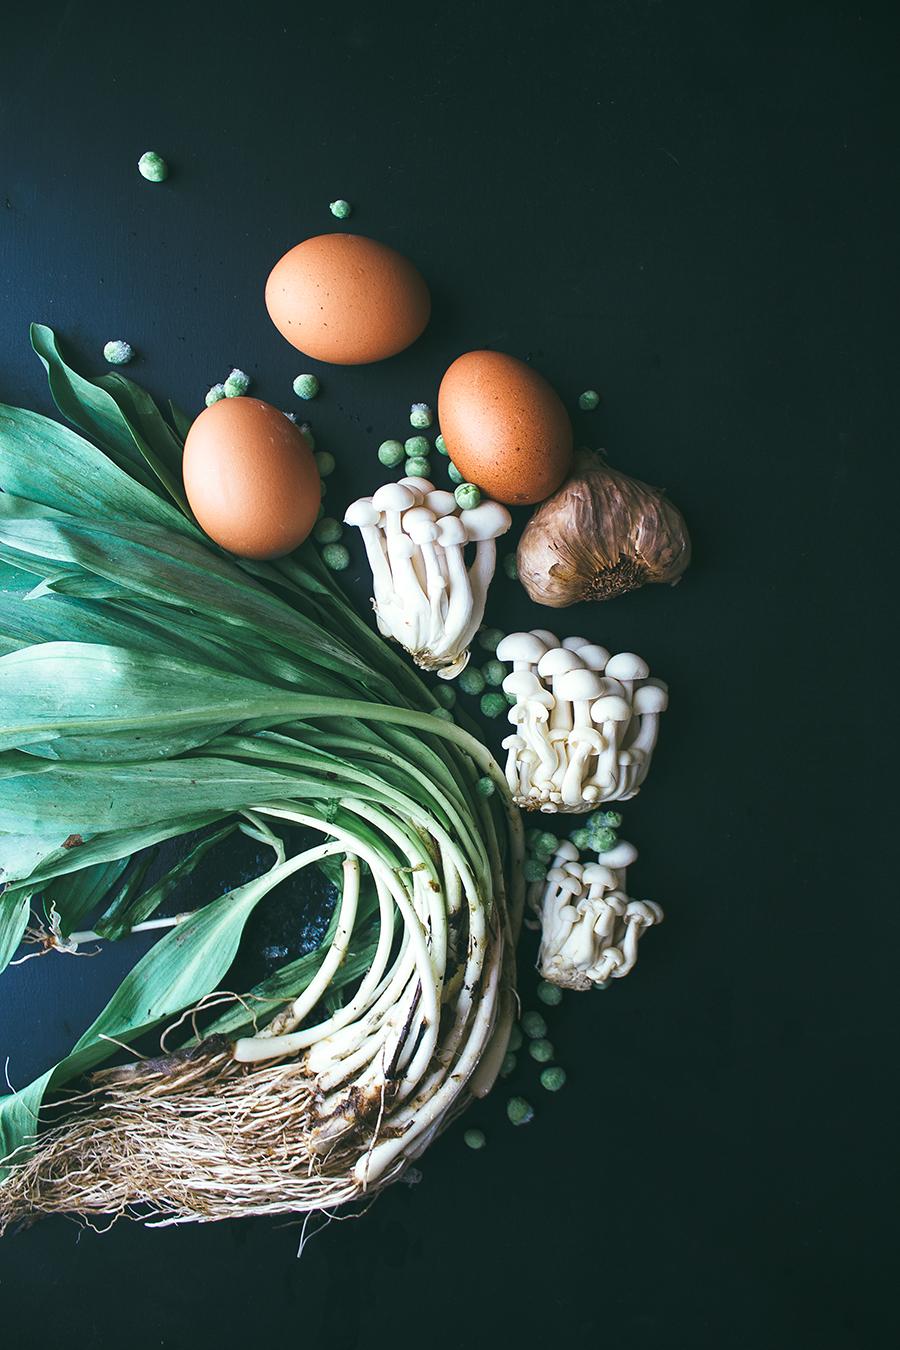 veggie quiche ingredients on dark background